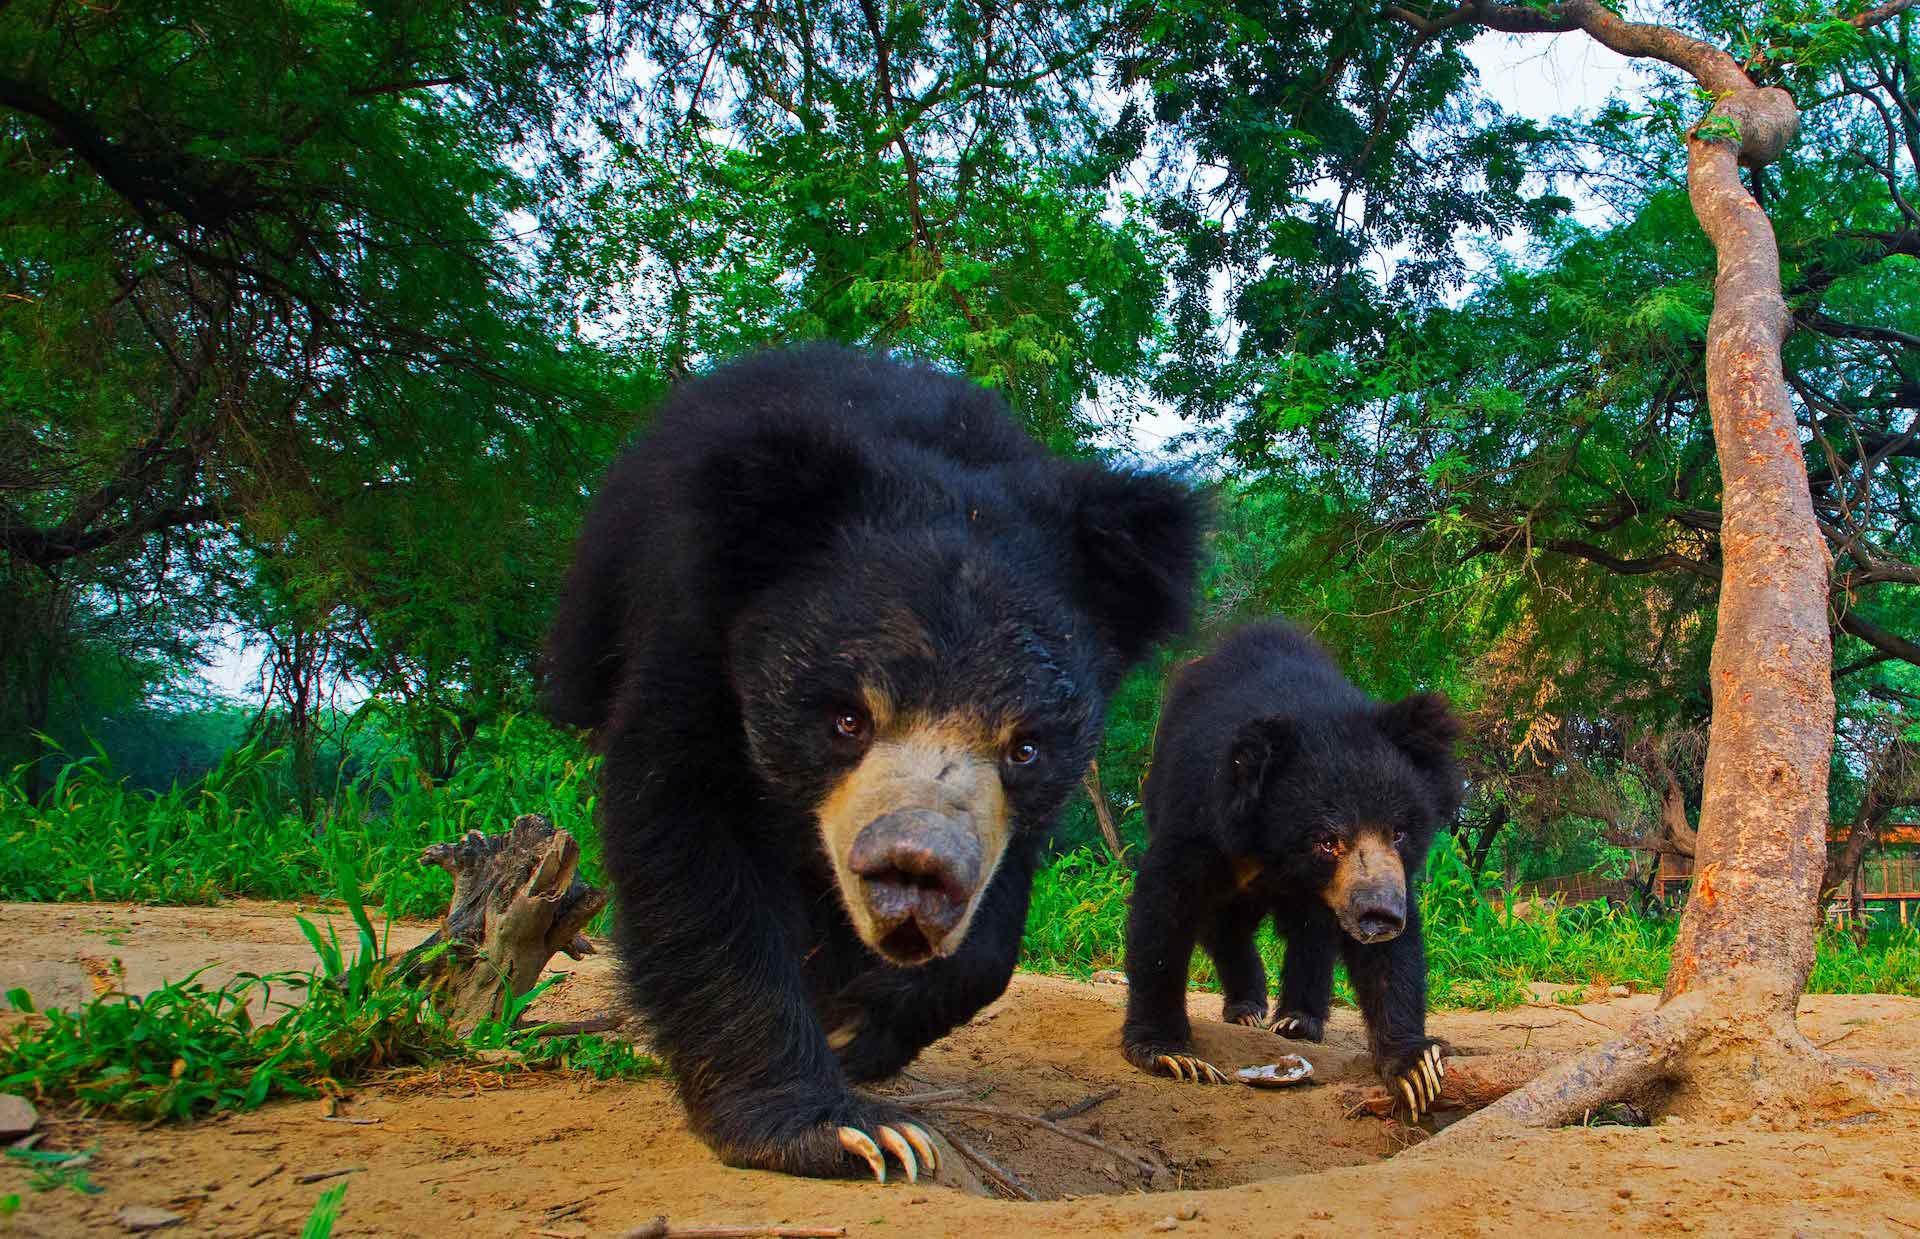 wildlife-sos-rehab-centre-sloth-bear-two-walking-towards-camera